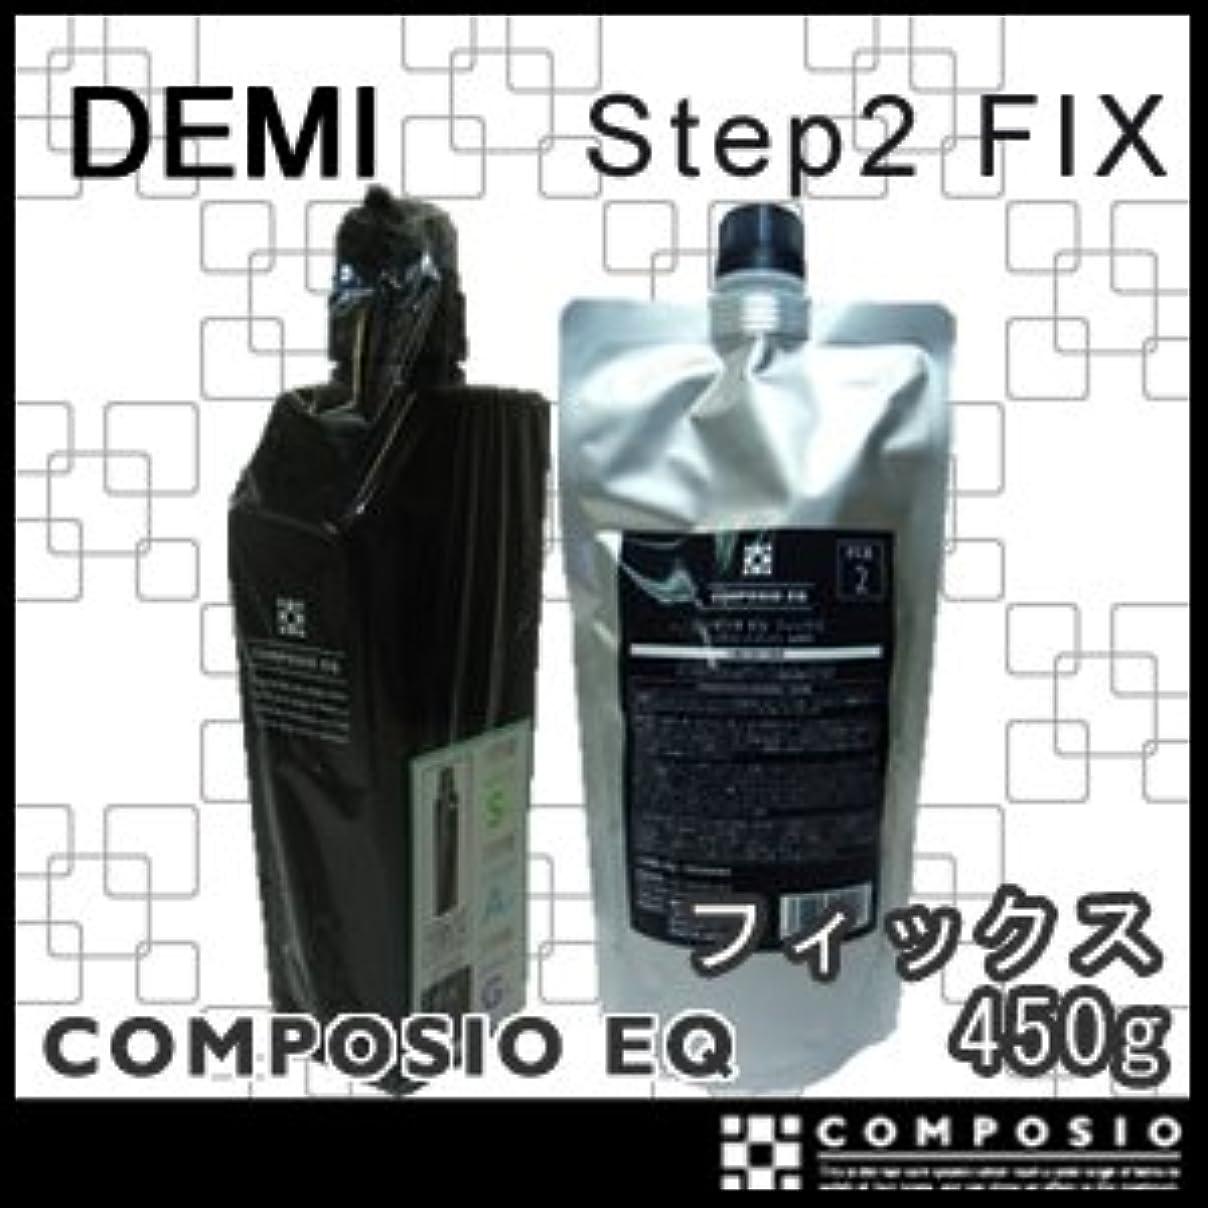 右断線化合物デミ コンポジオ EQ フィックス 詰替え ボトル付 450g 業務用